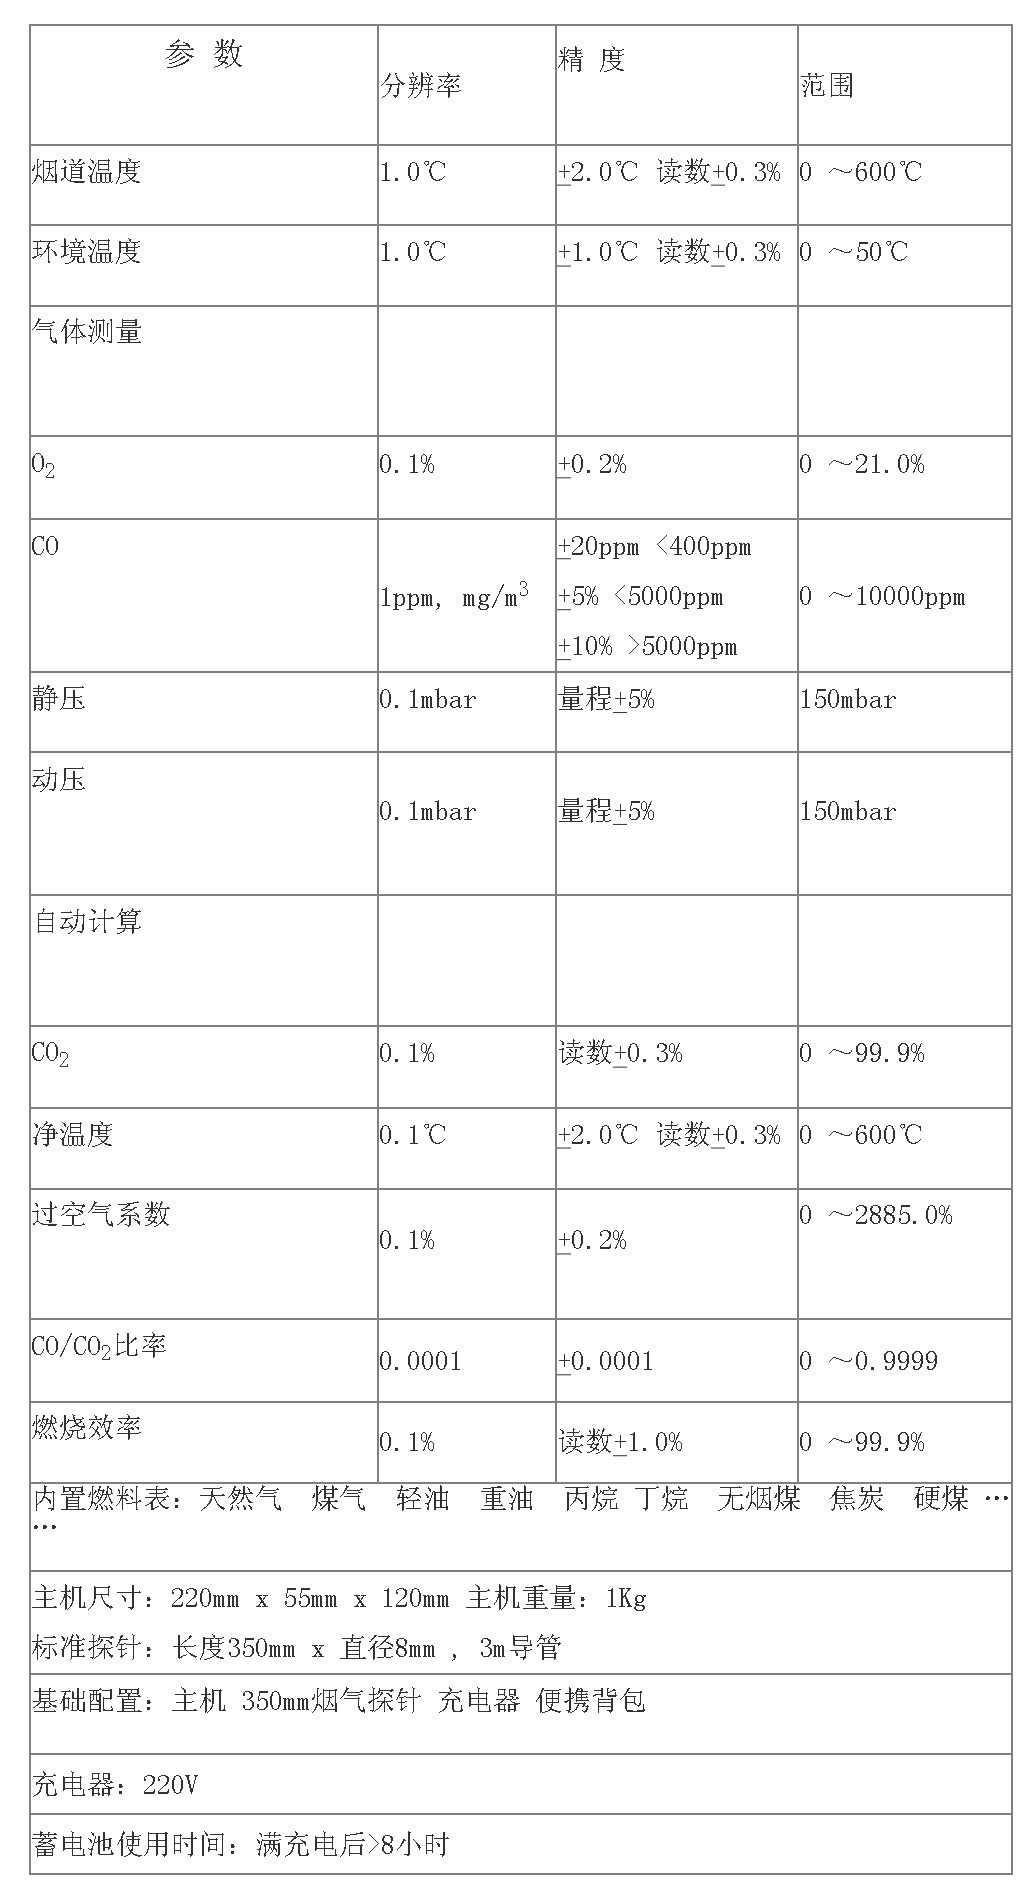 火狐截图_2017-05-10T02-39-25.285Z.png